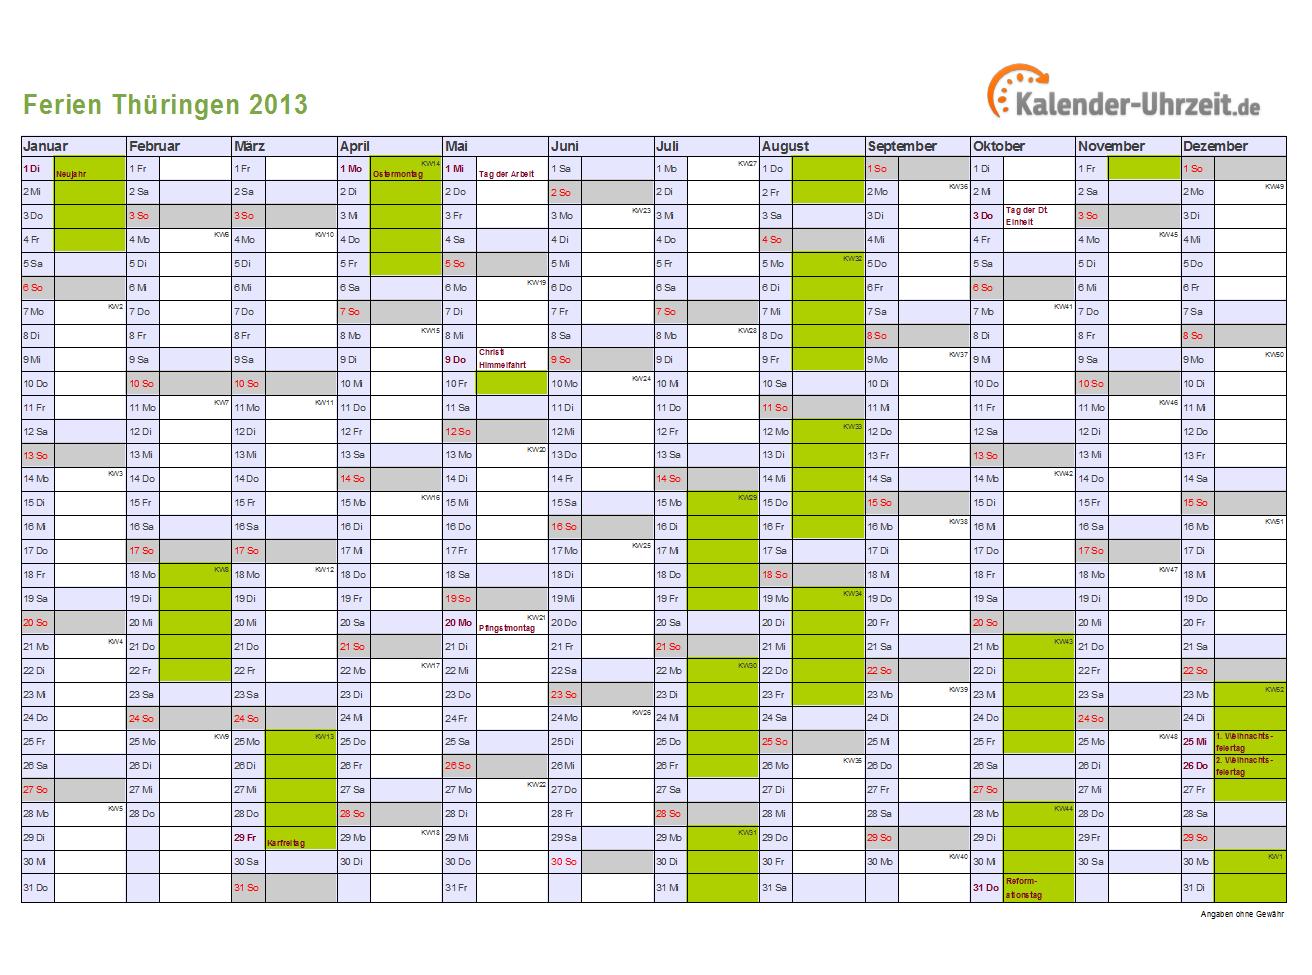 Ferien Thüringen 2013 - Ferienkalender zum Ausdrucken